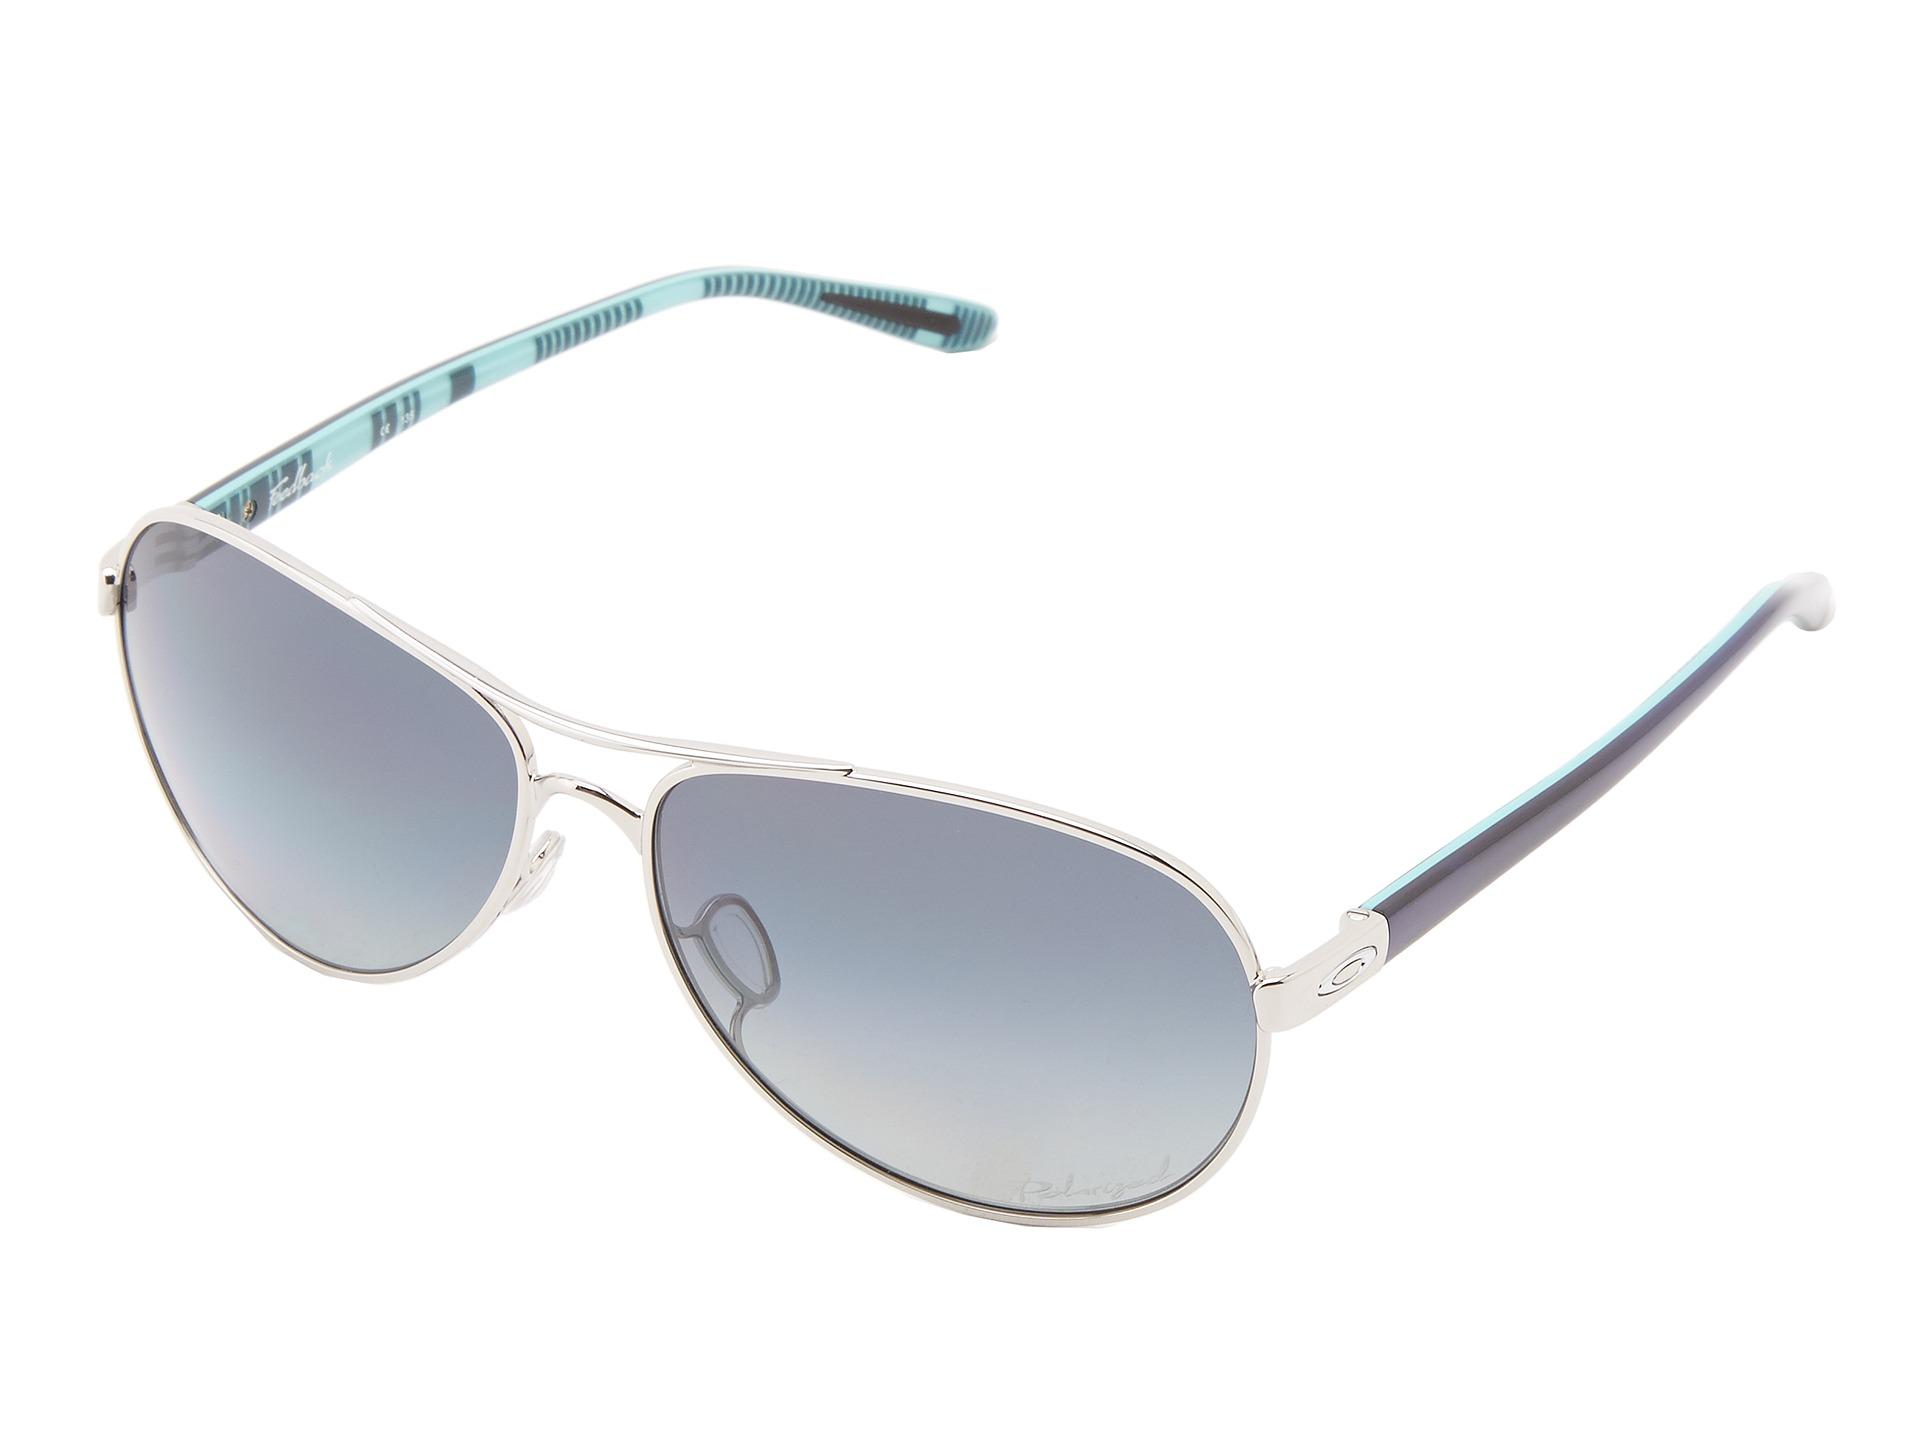 c7a9014d38 ... oakley feedback sale Oakley Womens Feedback Polarized Sunglasses ...